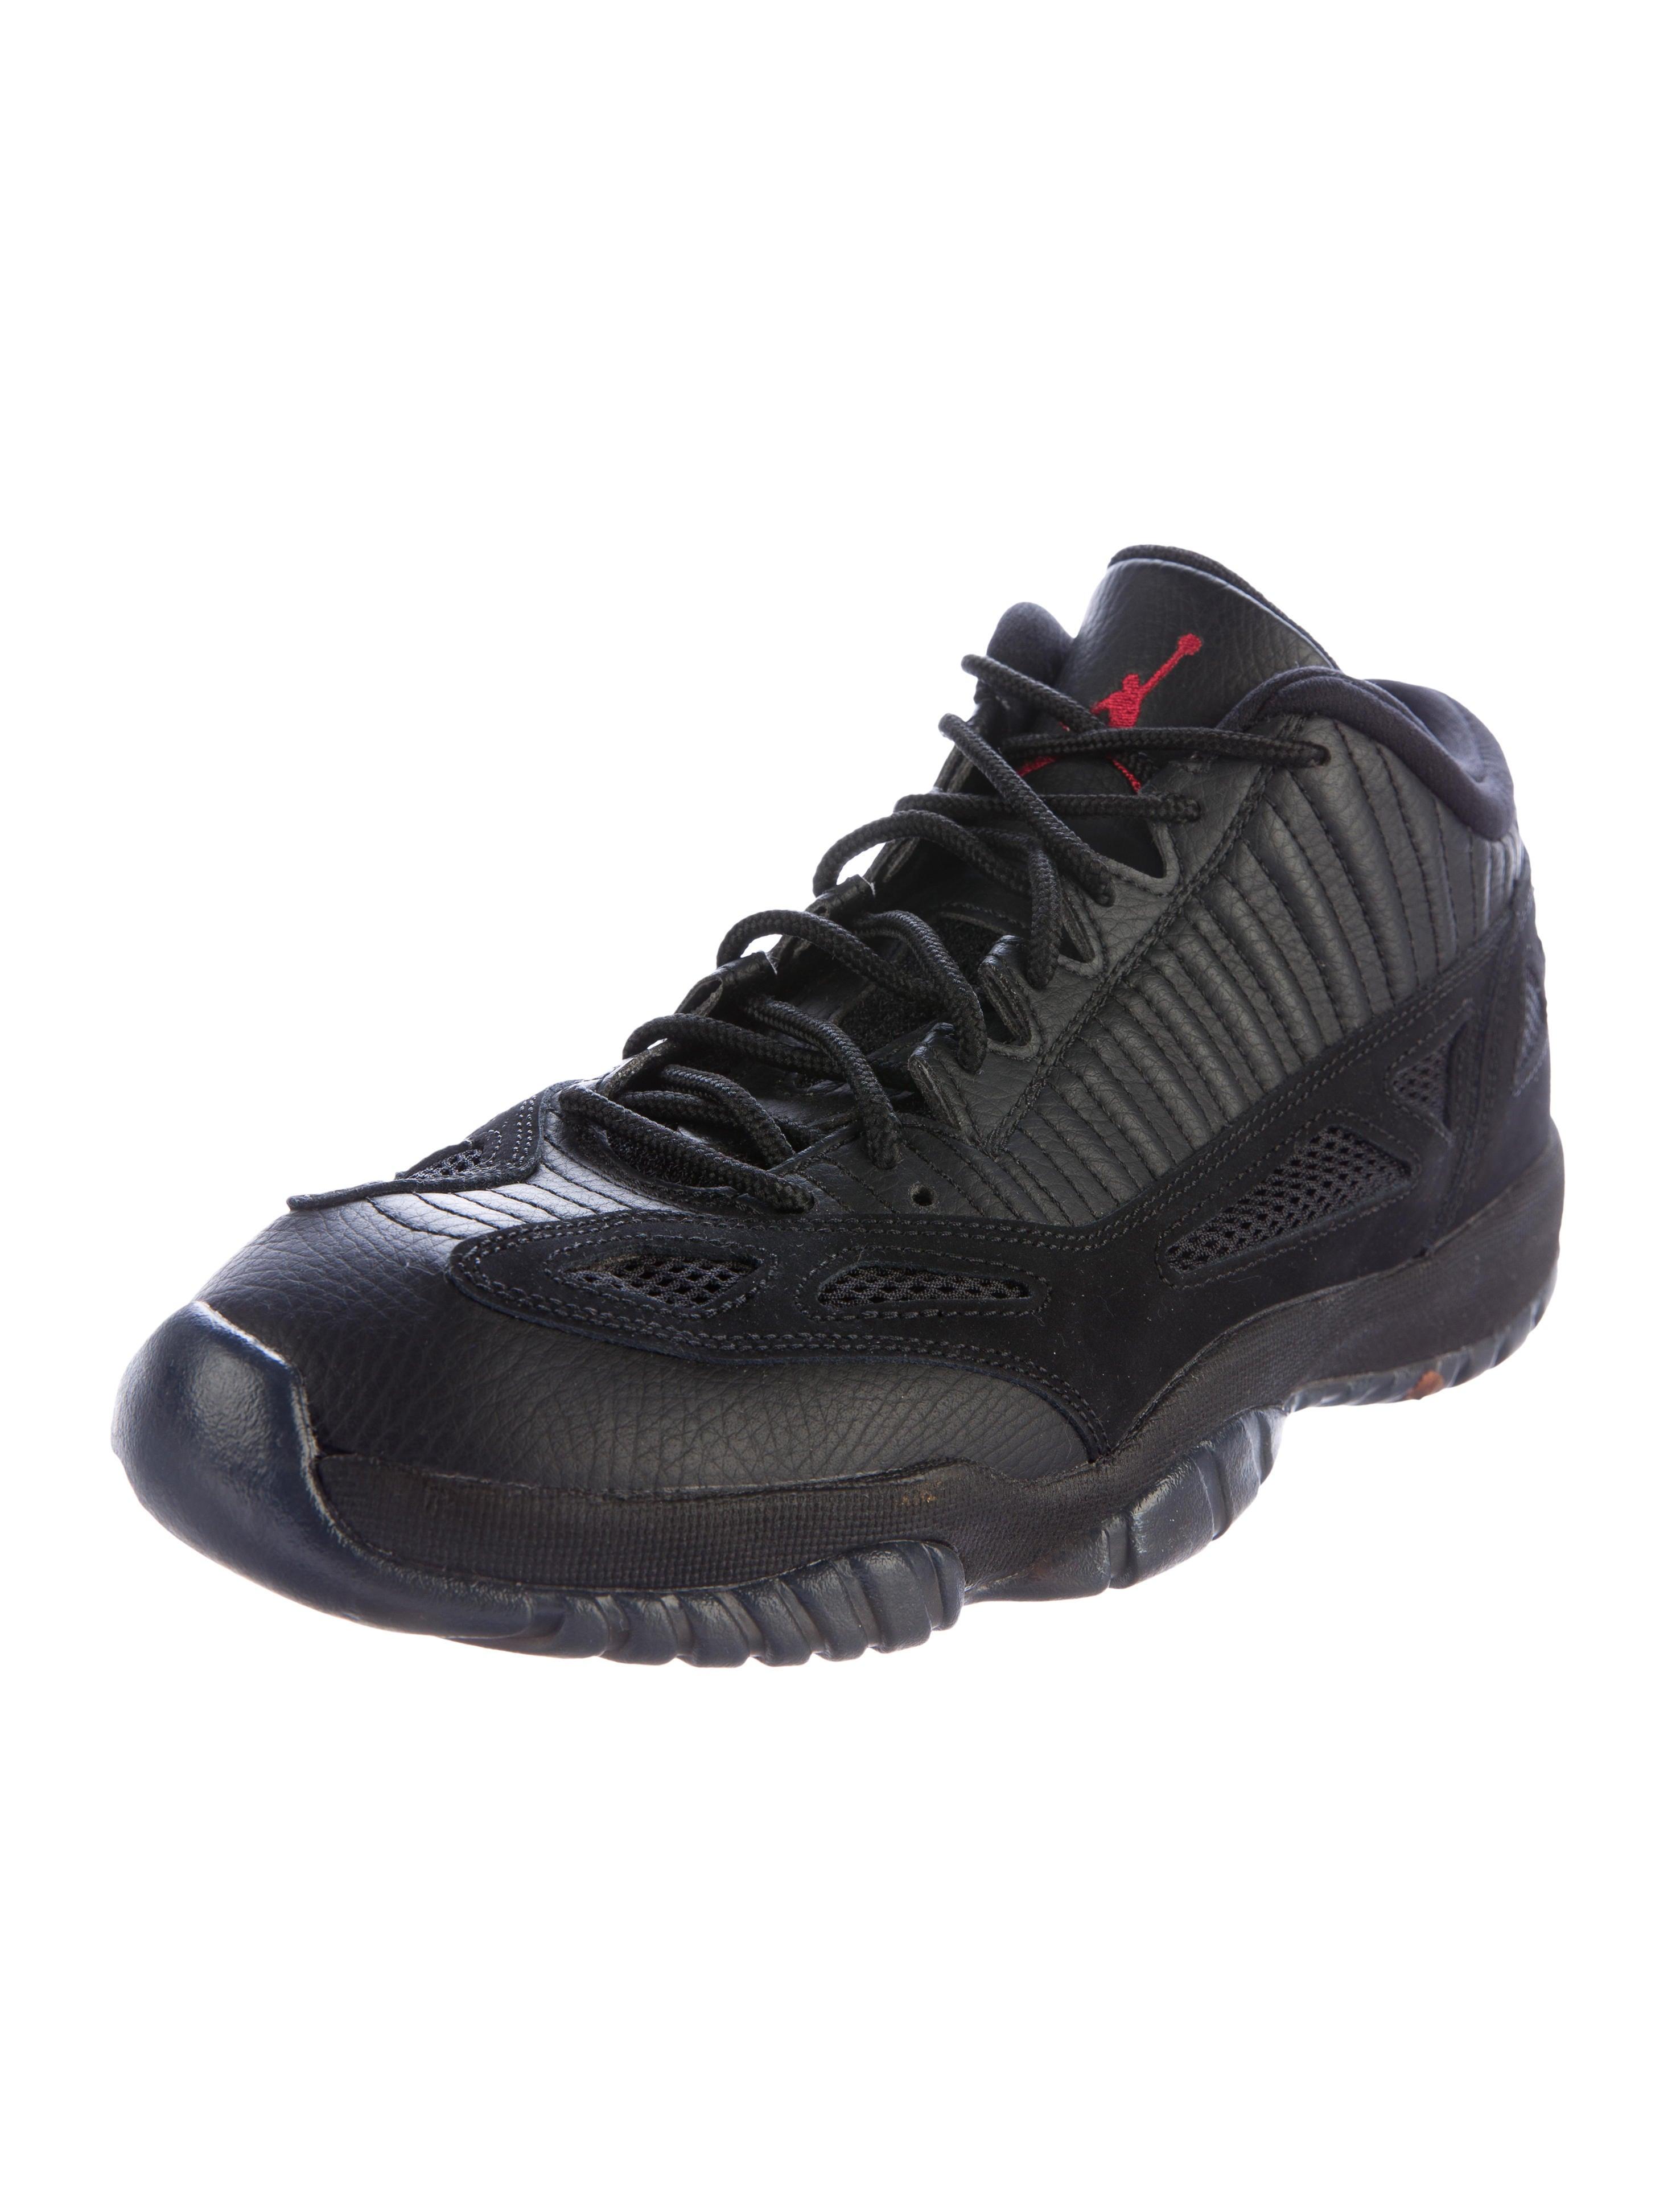 premium selection b14e8 e8981 Nike Air Jordan 11 Low Top Air Jordan 11 Shoes